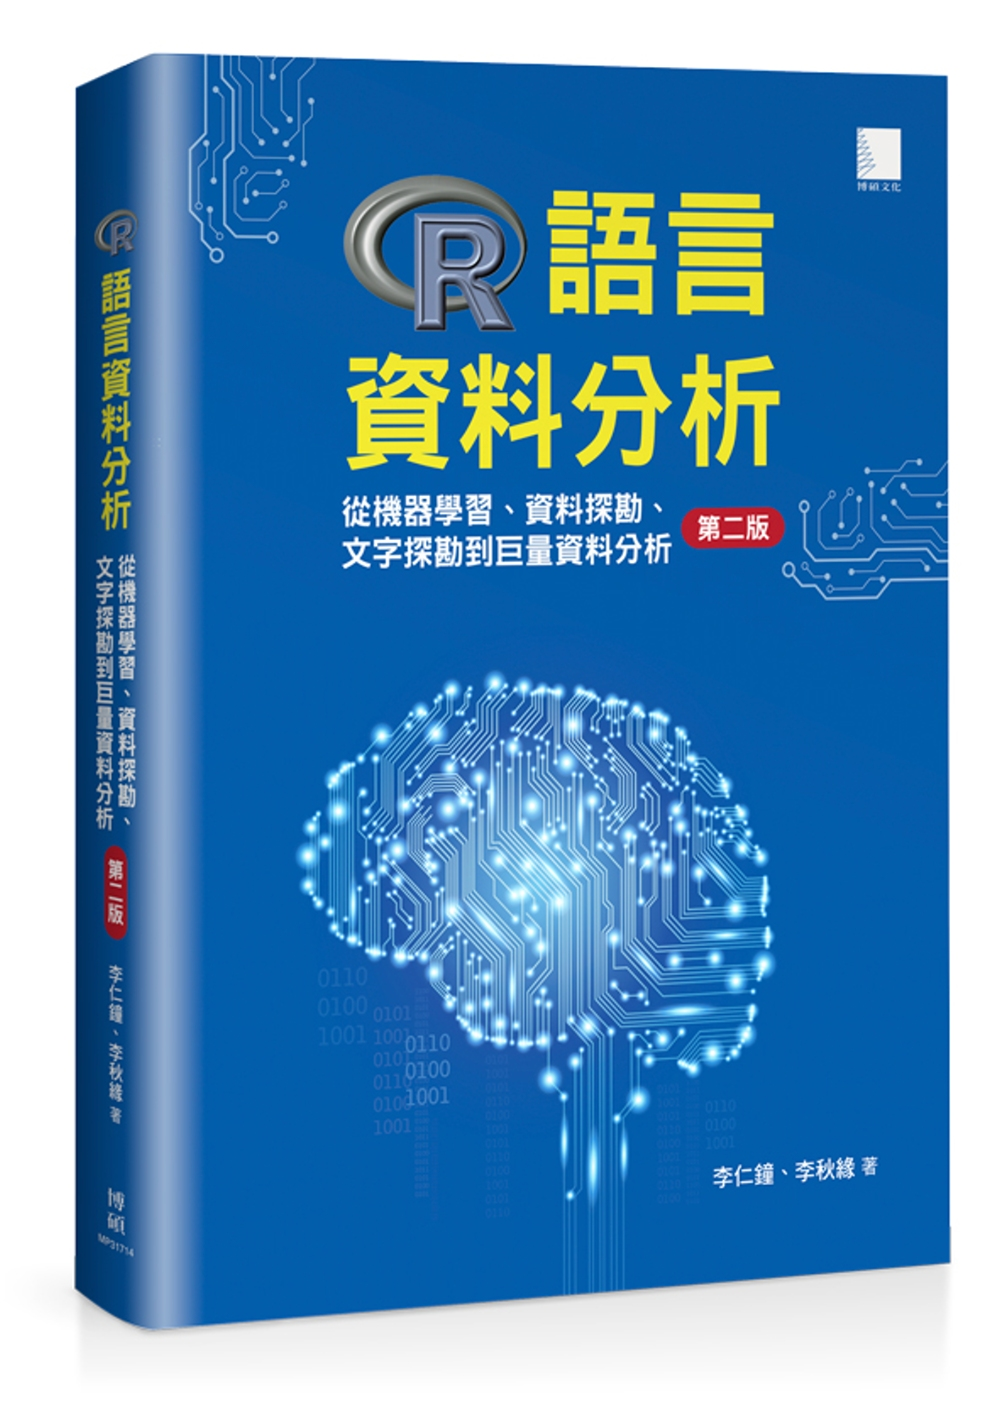 R語言資料分析:從機器學習、資料探勘、文字探勘到巨量資料分析 [第二版]